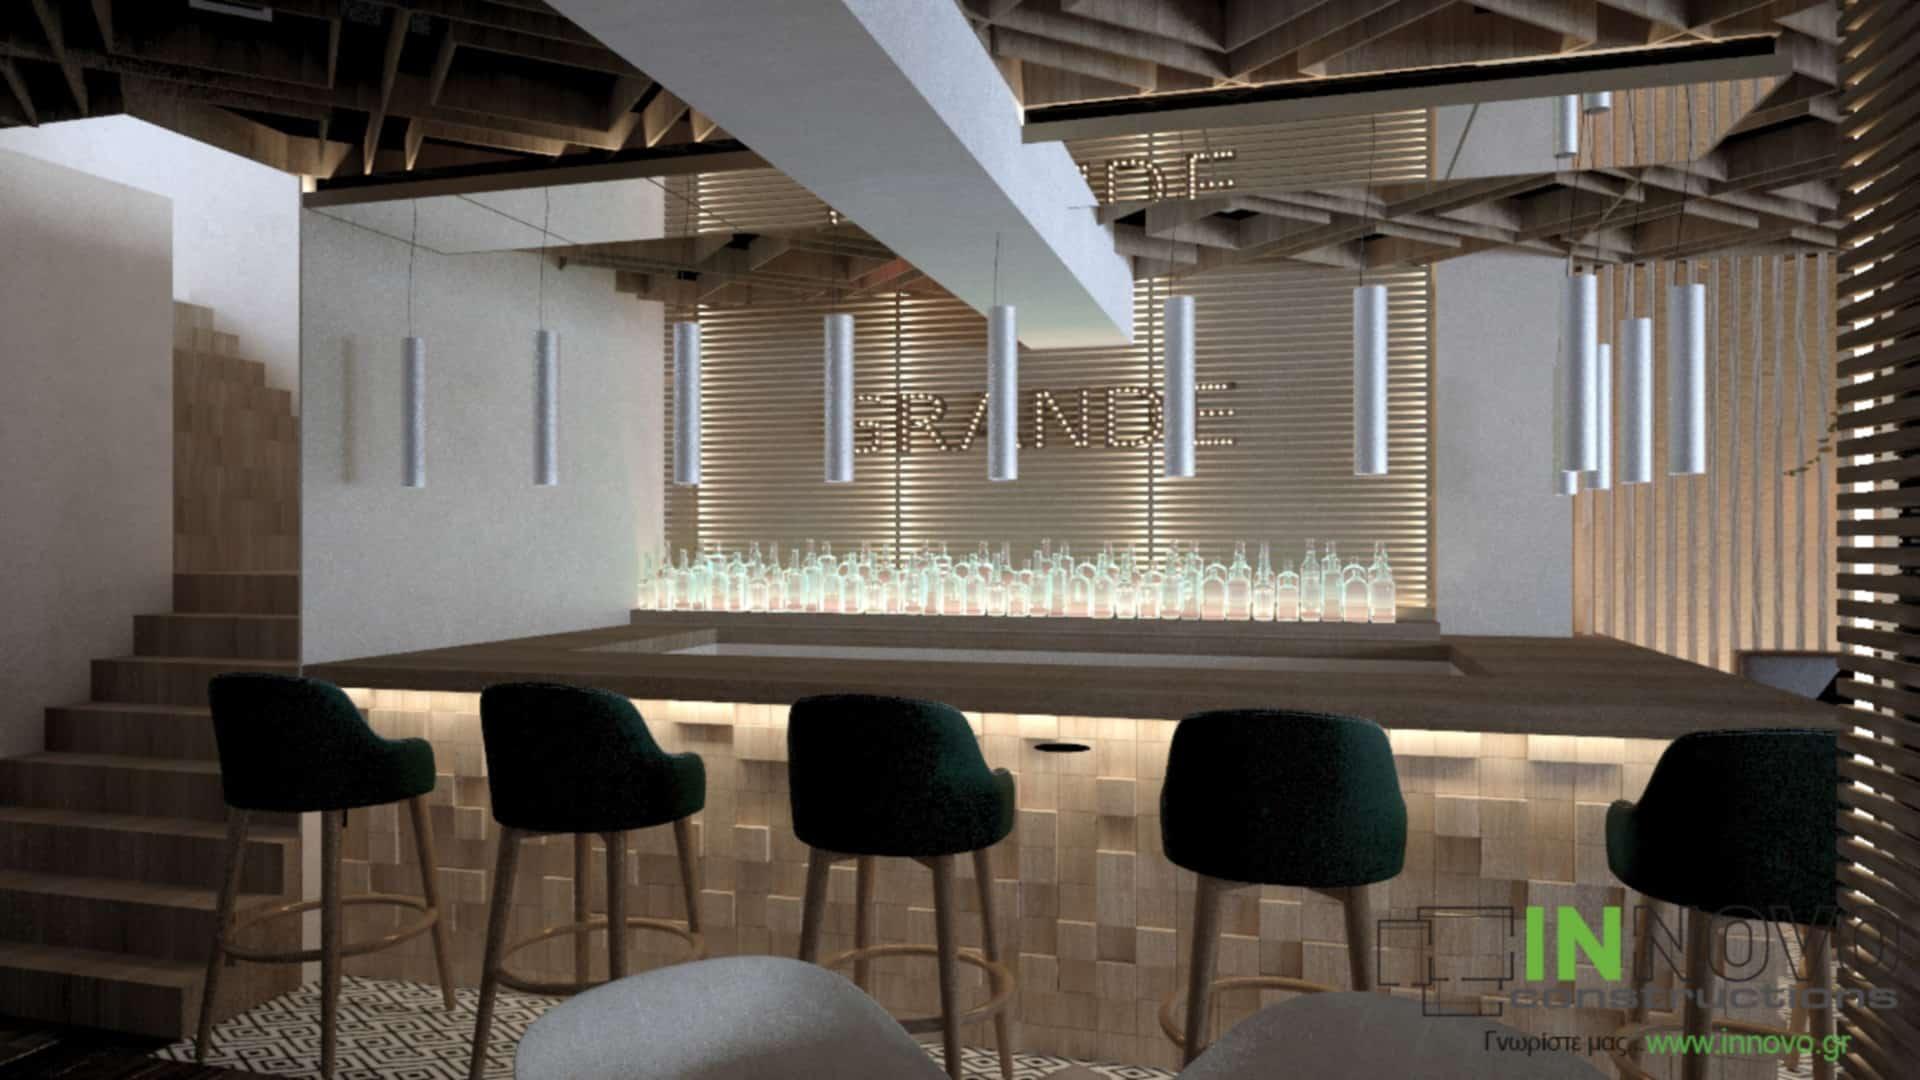 Μελέτη ανακαίνισης εστιατορίου στον Κορυδαλλό